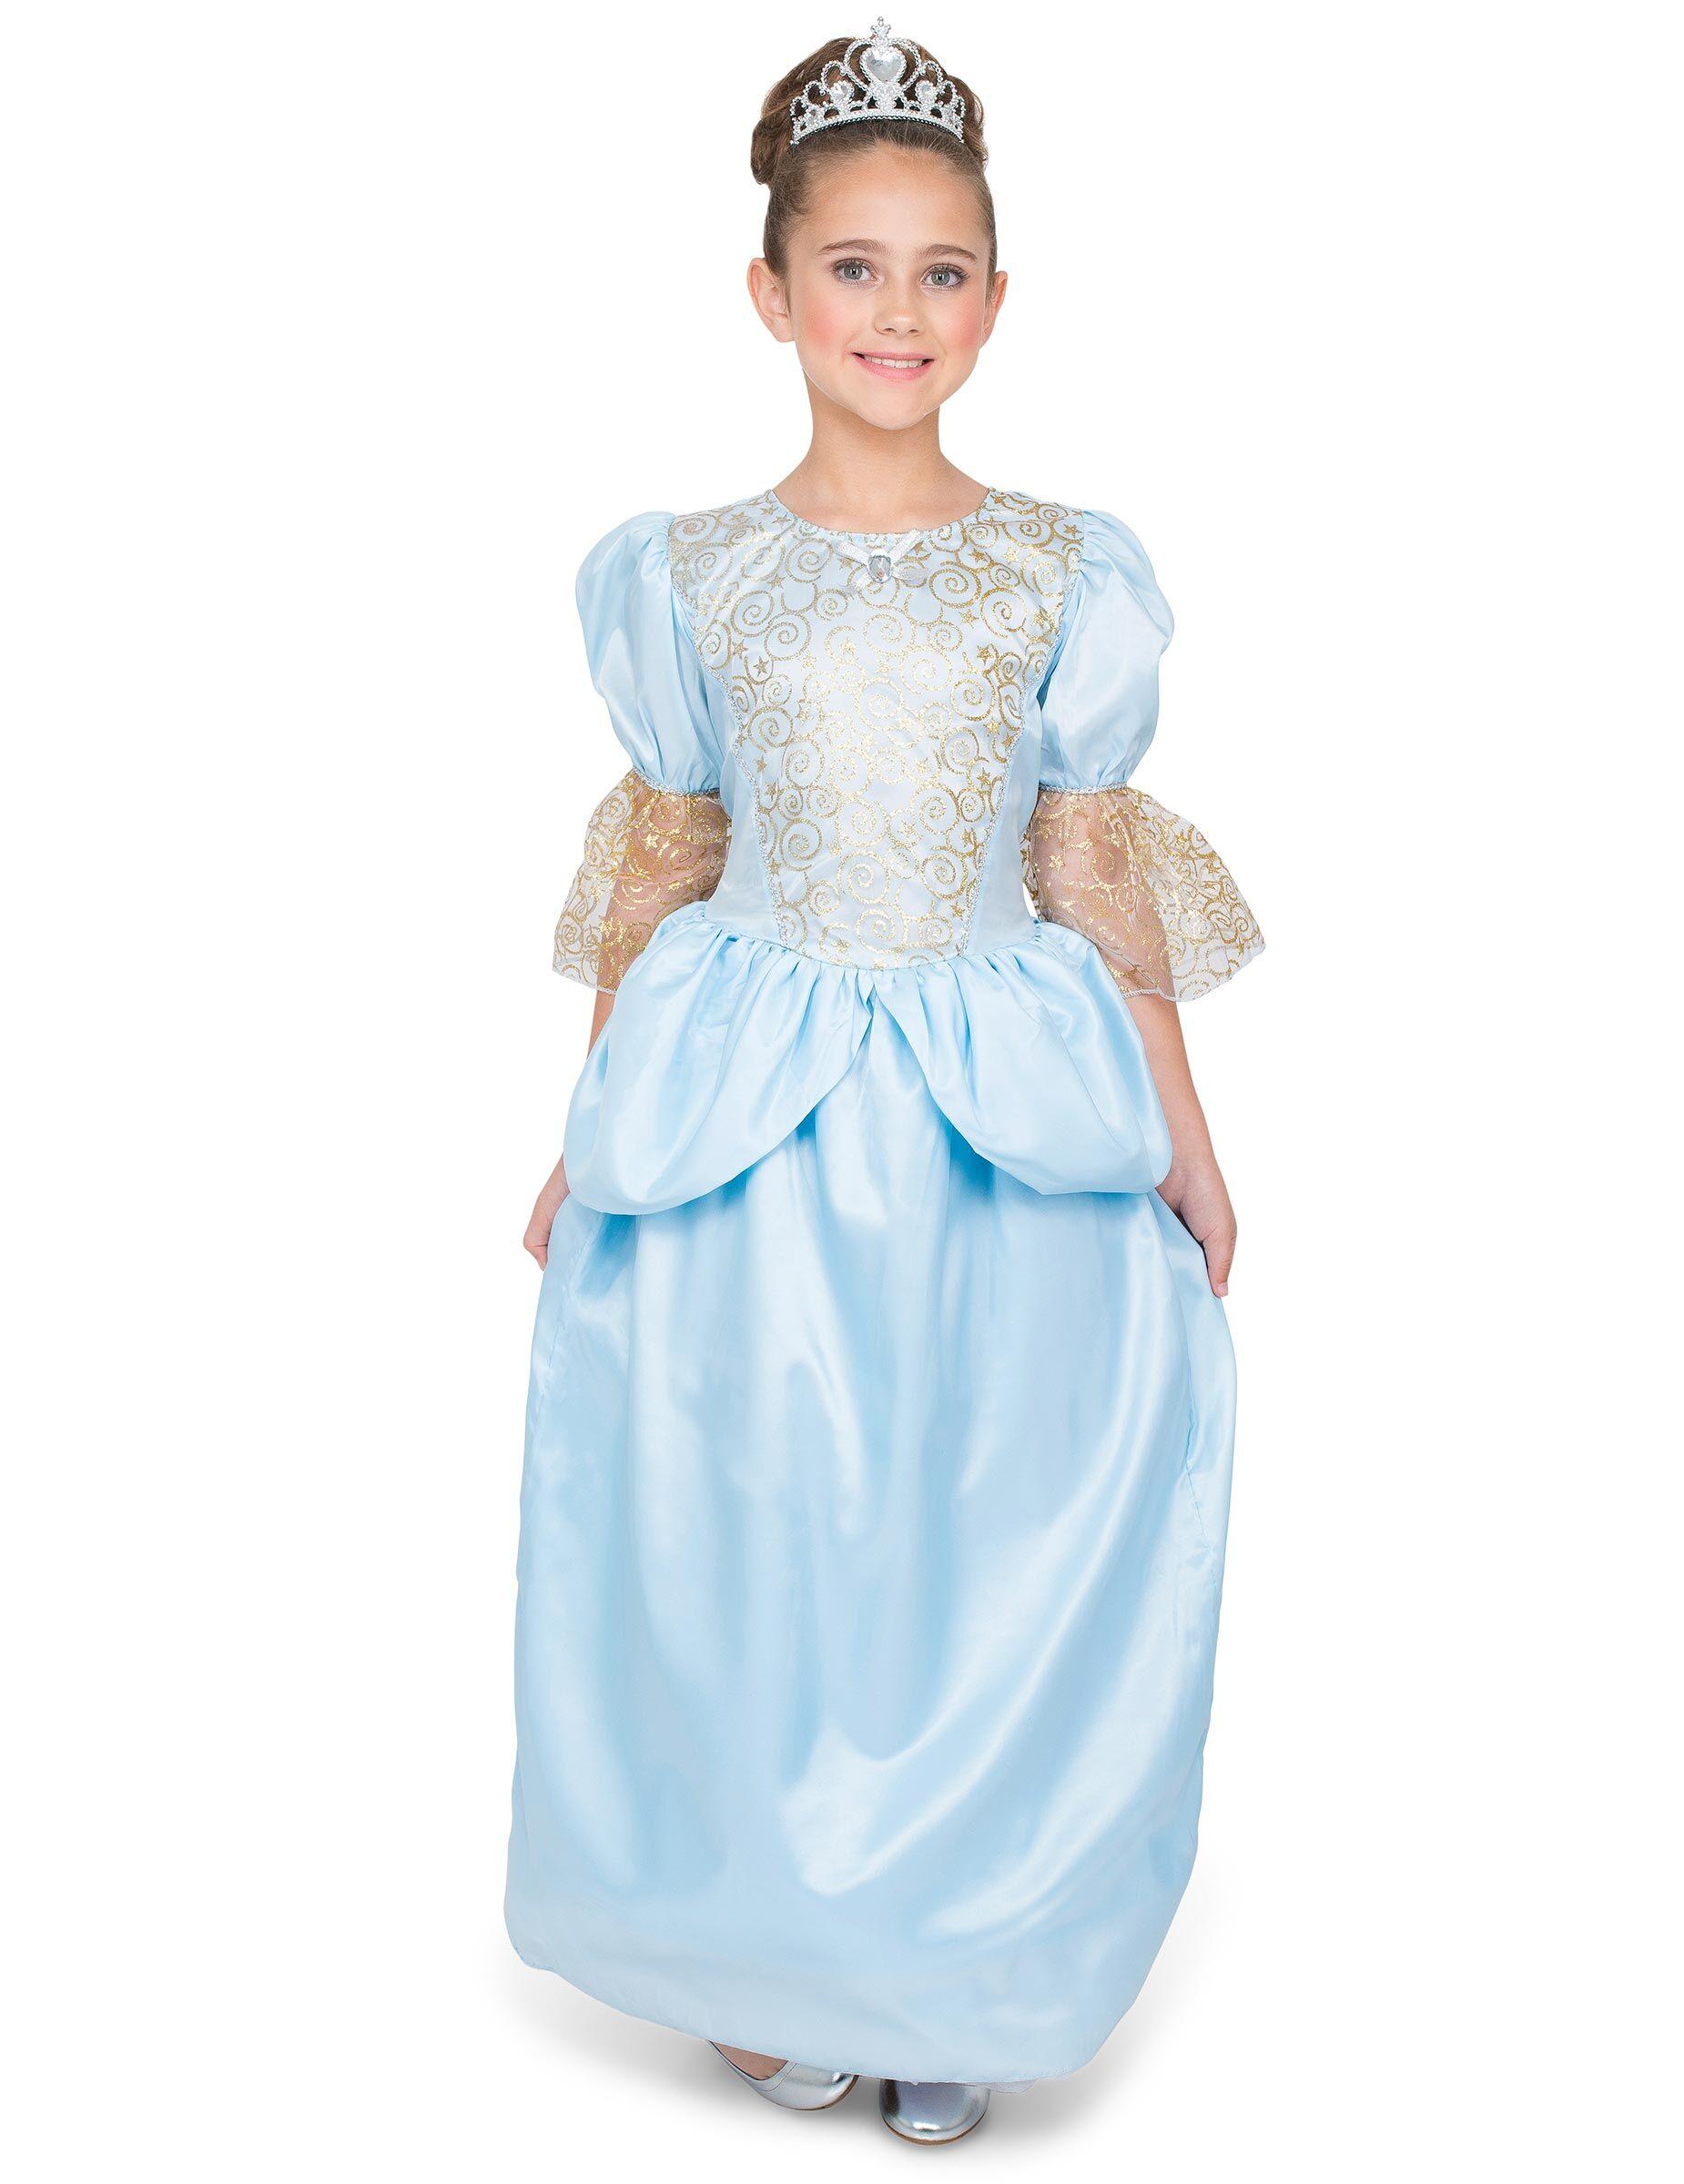 Vegaoo Costume principessa con scarpetta di vetro bambina - 7 -9 anni (130-143cm)